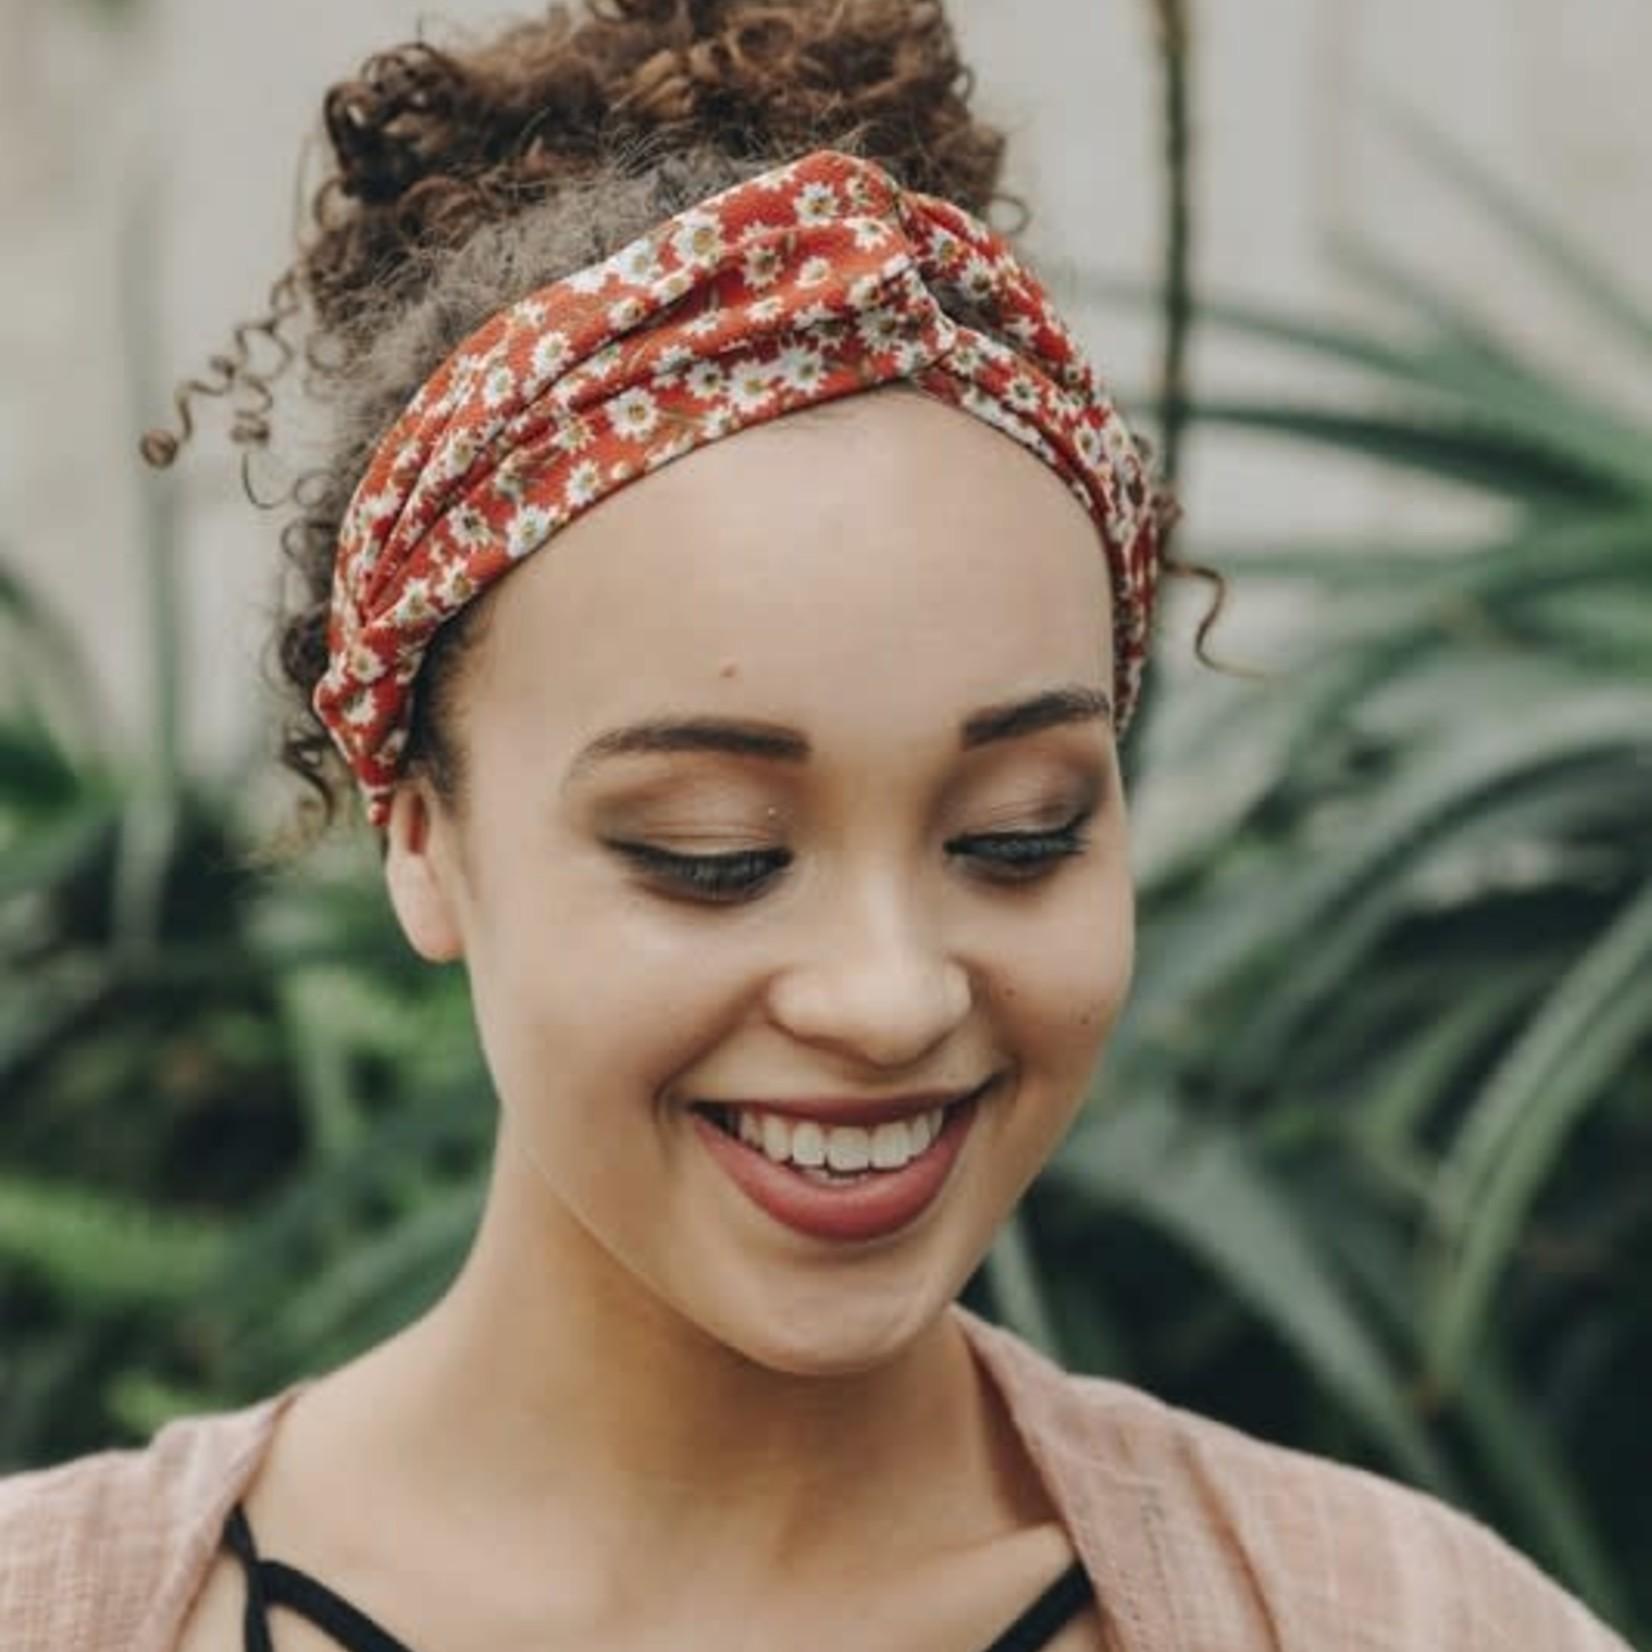 leto Summer Floral Headband 1512